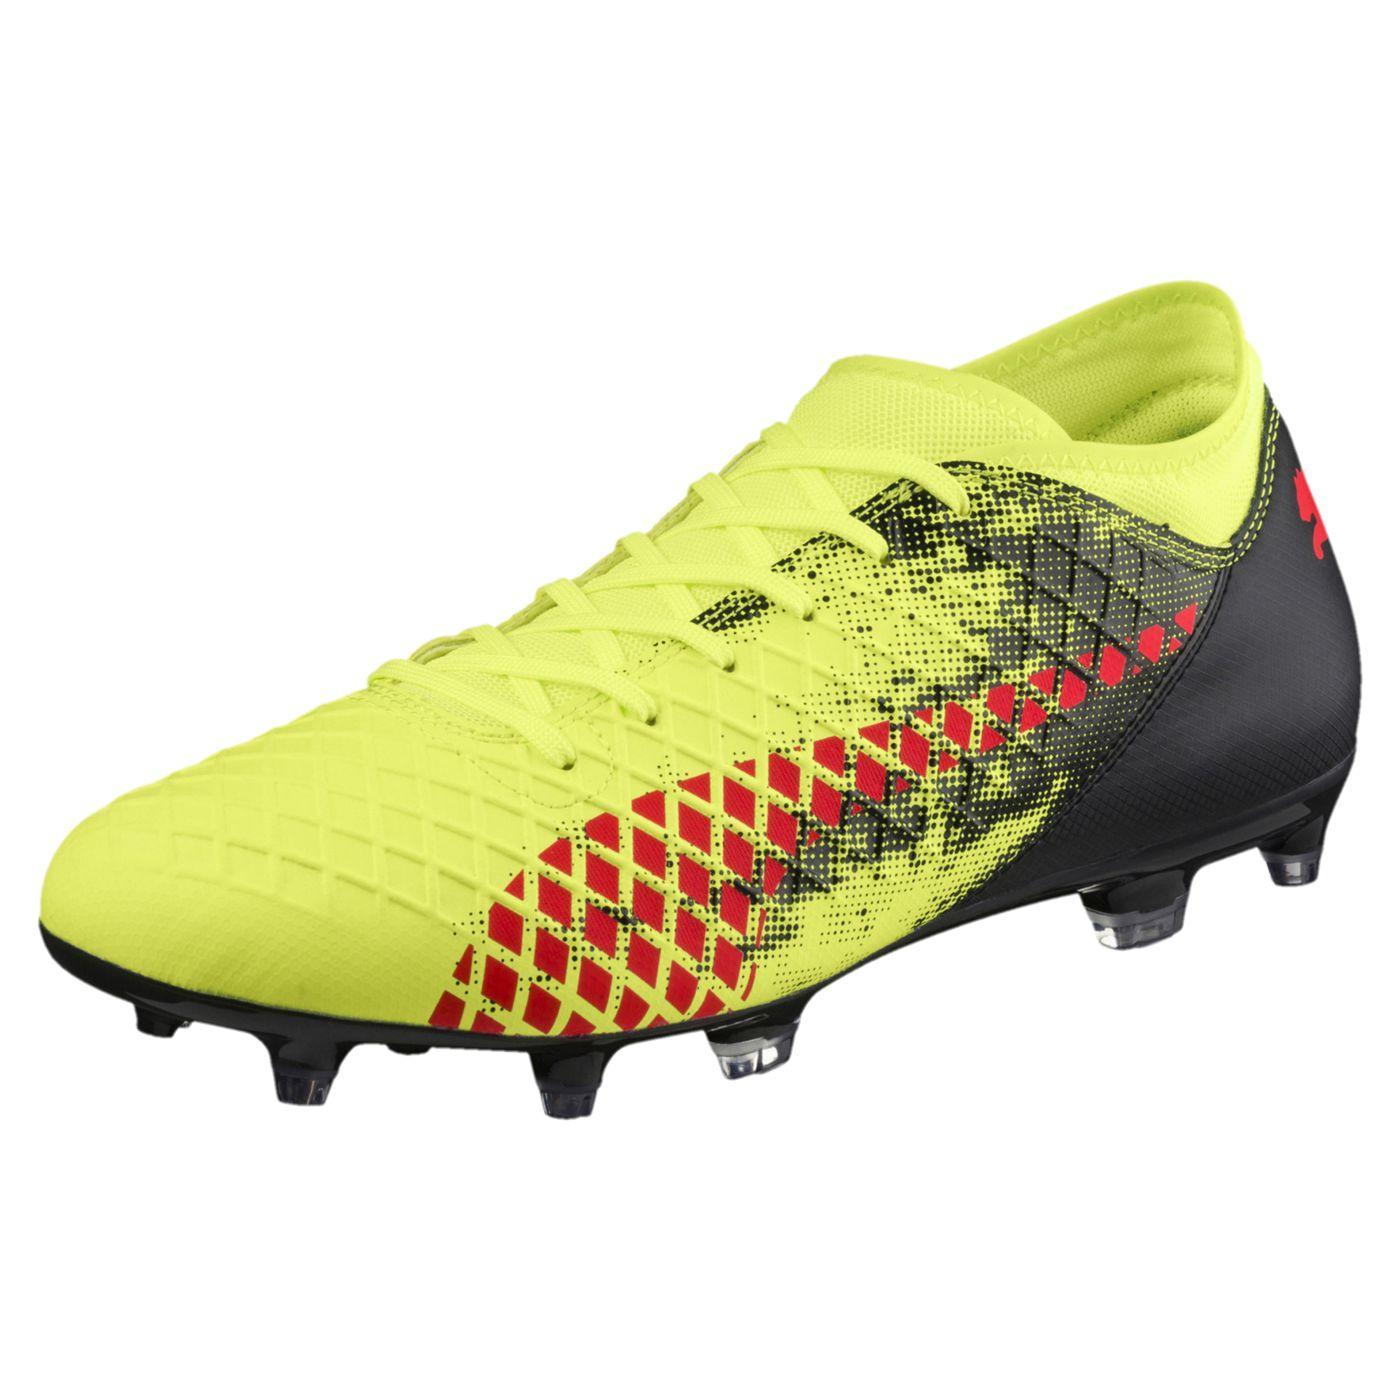 Puma Future 18.4 hy  FG sepatu bola - 10434401